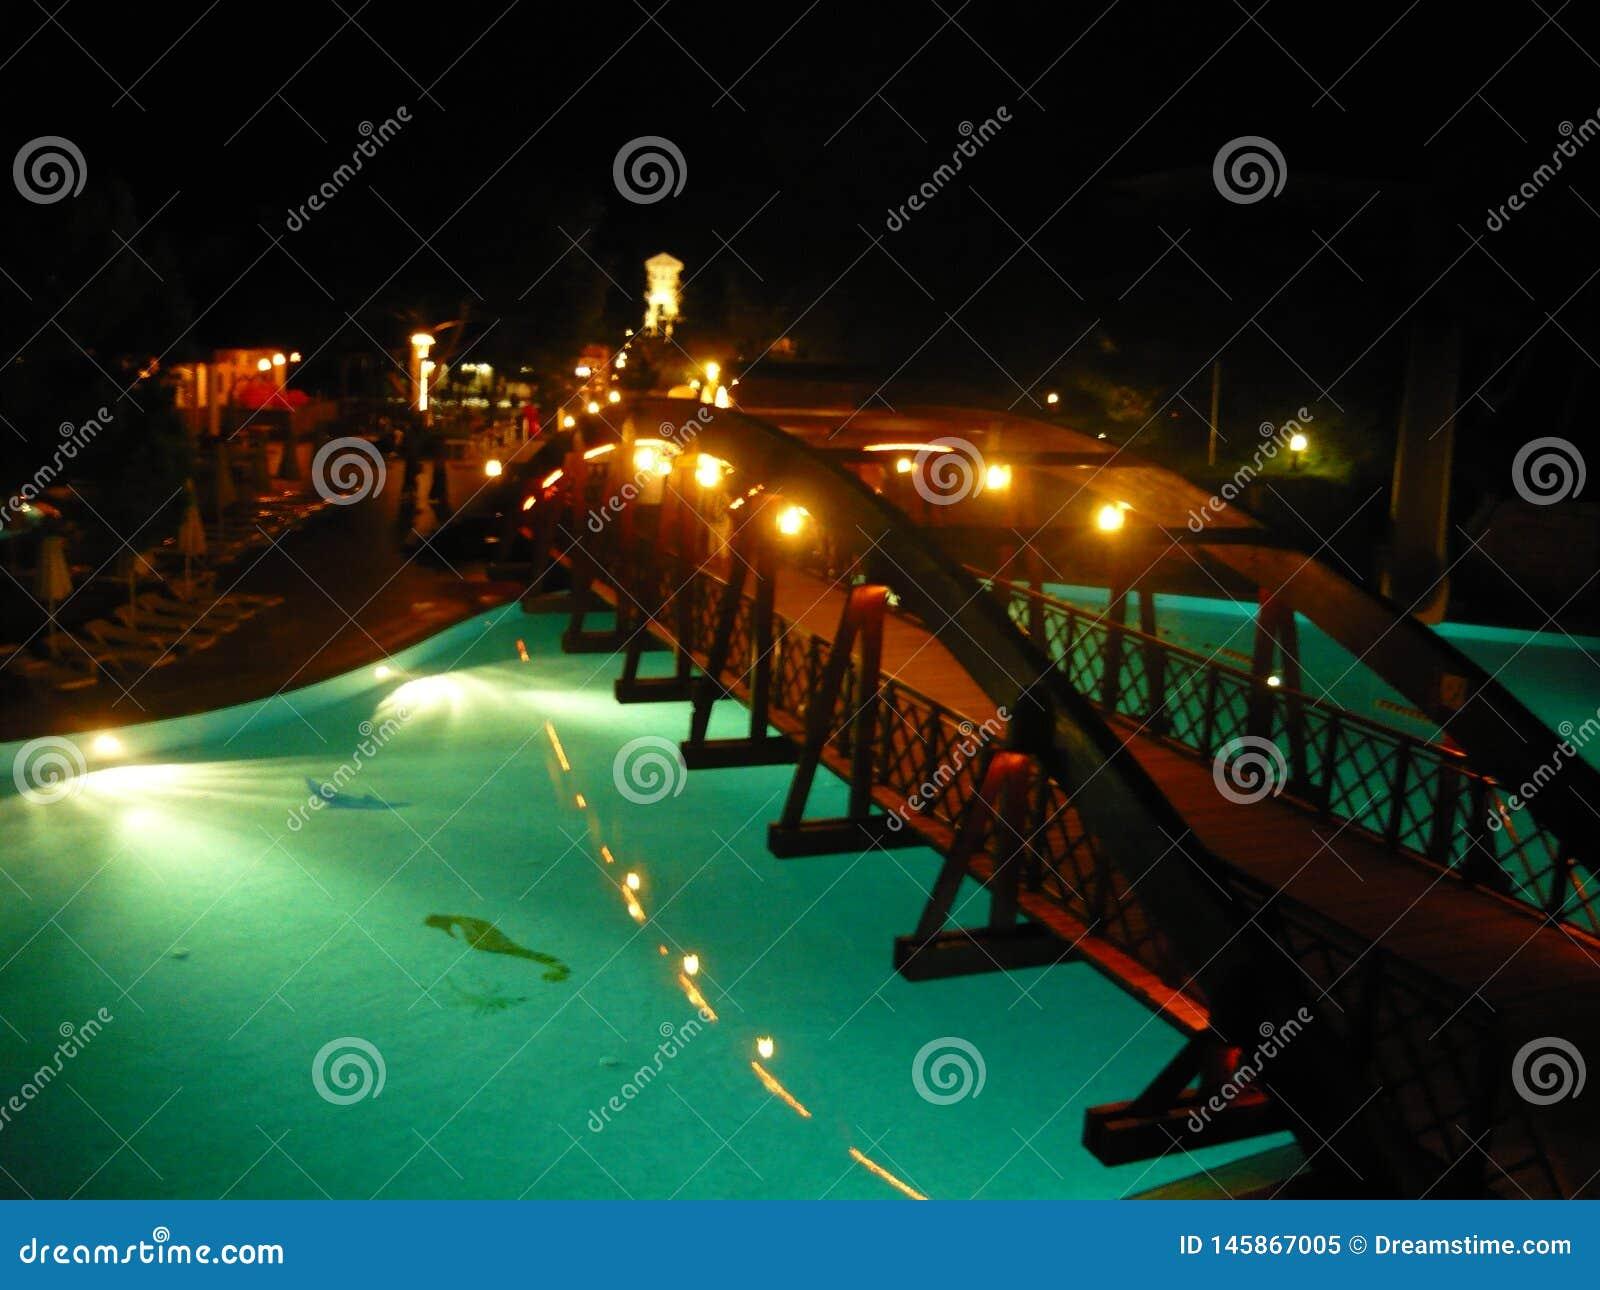 Turkiet hotell, simbassäng, stång, afton, simbassäng